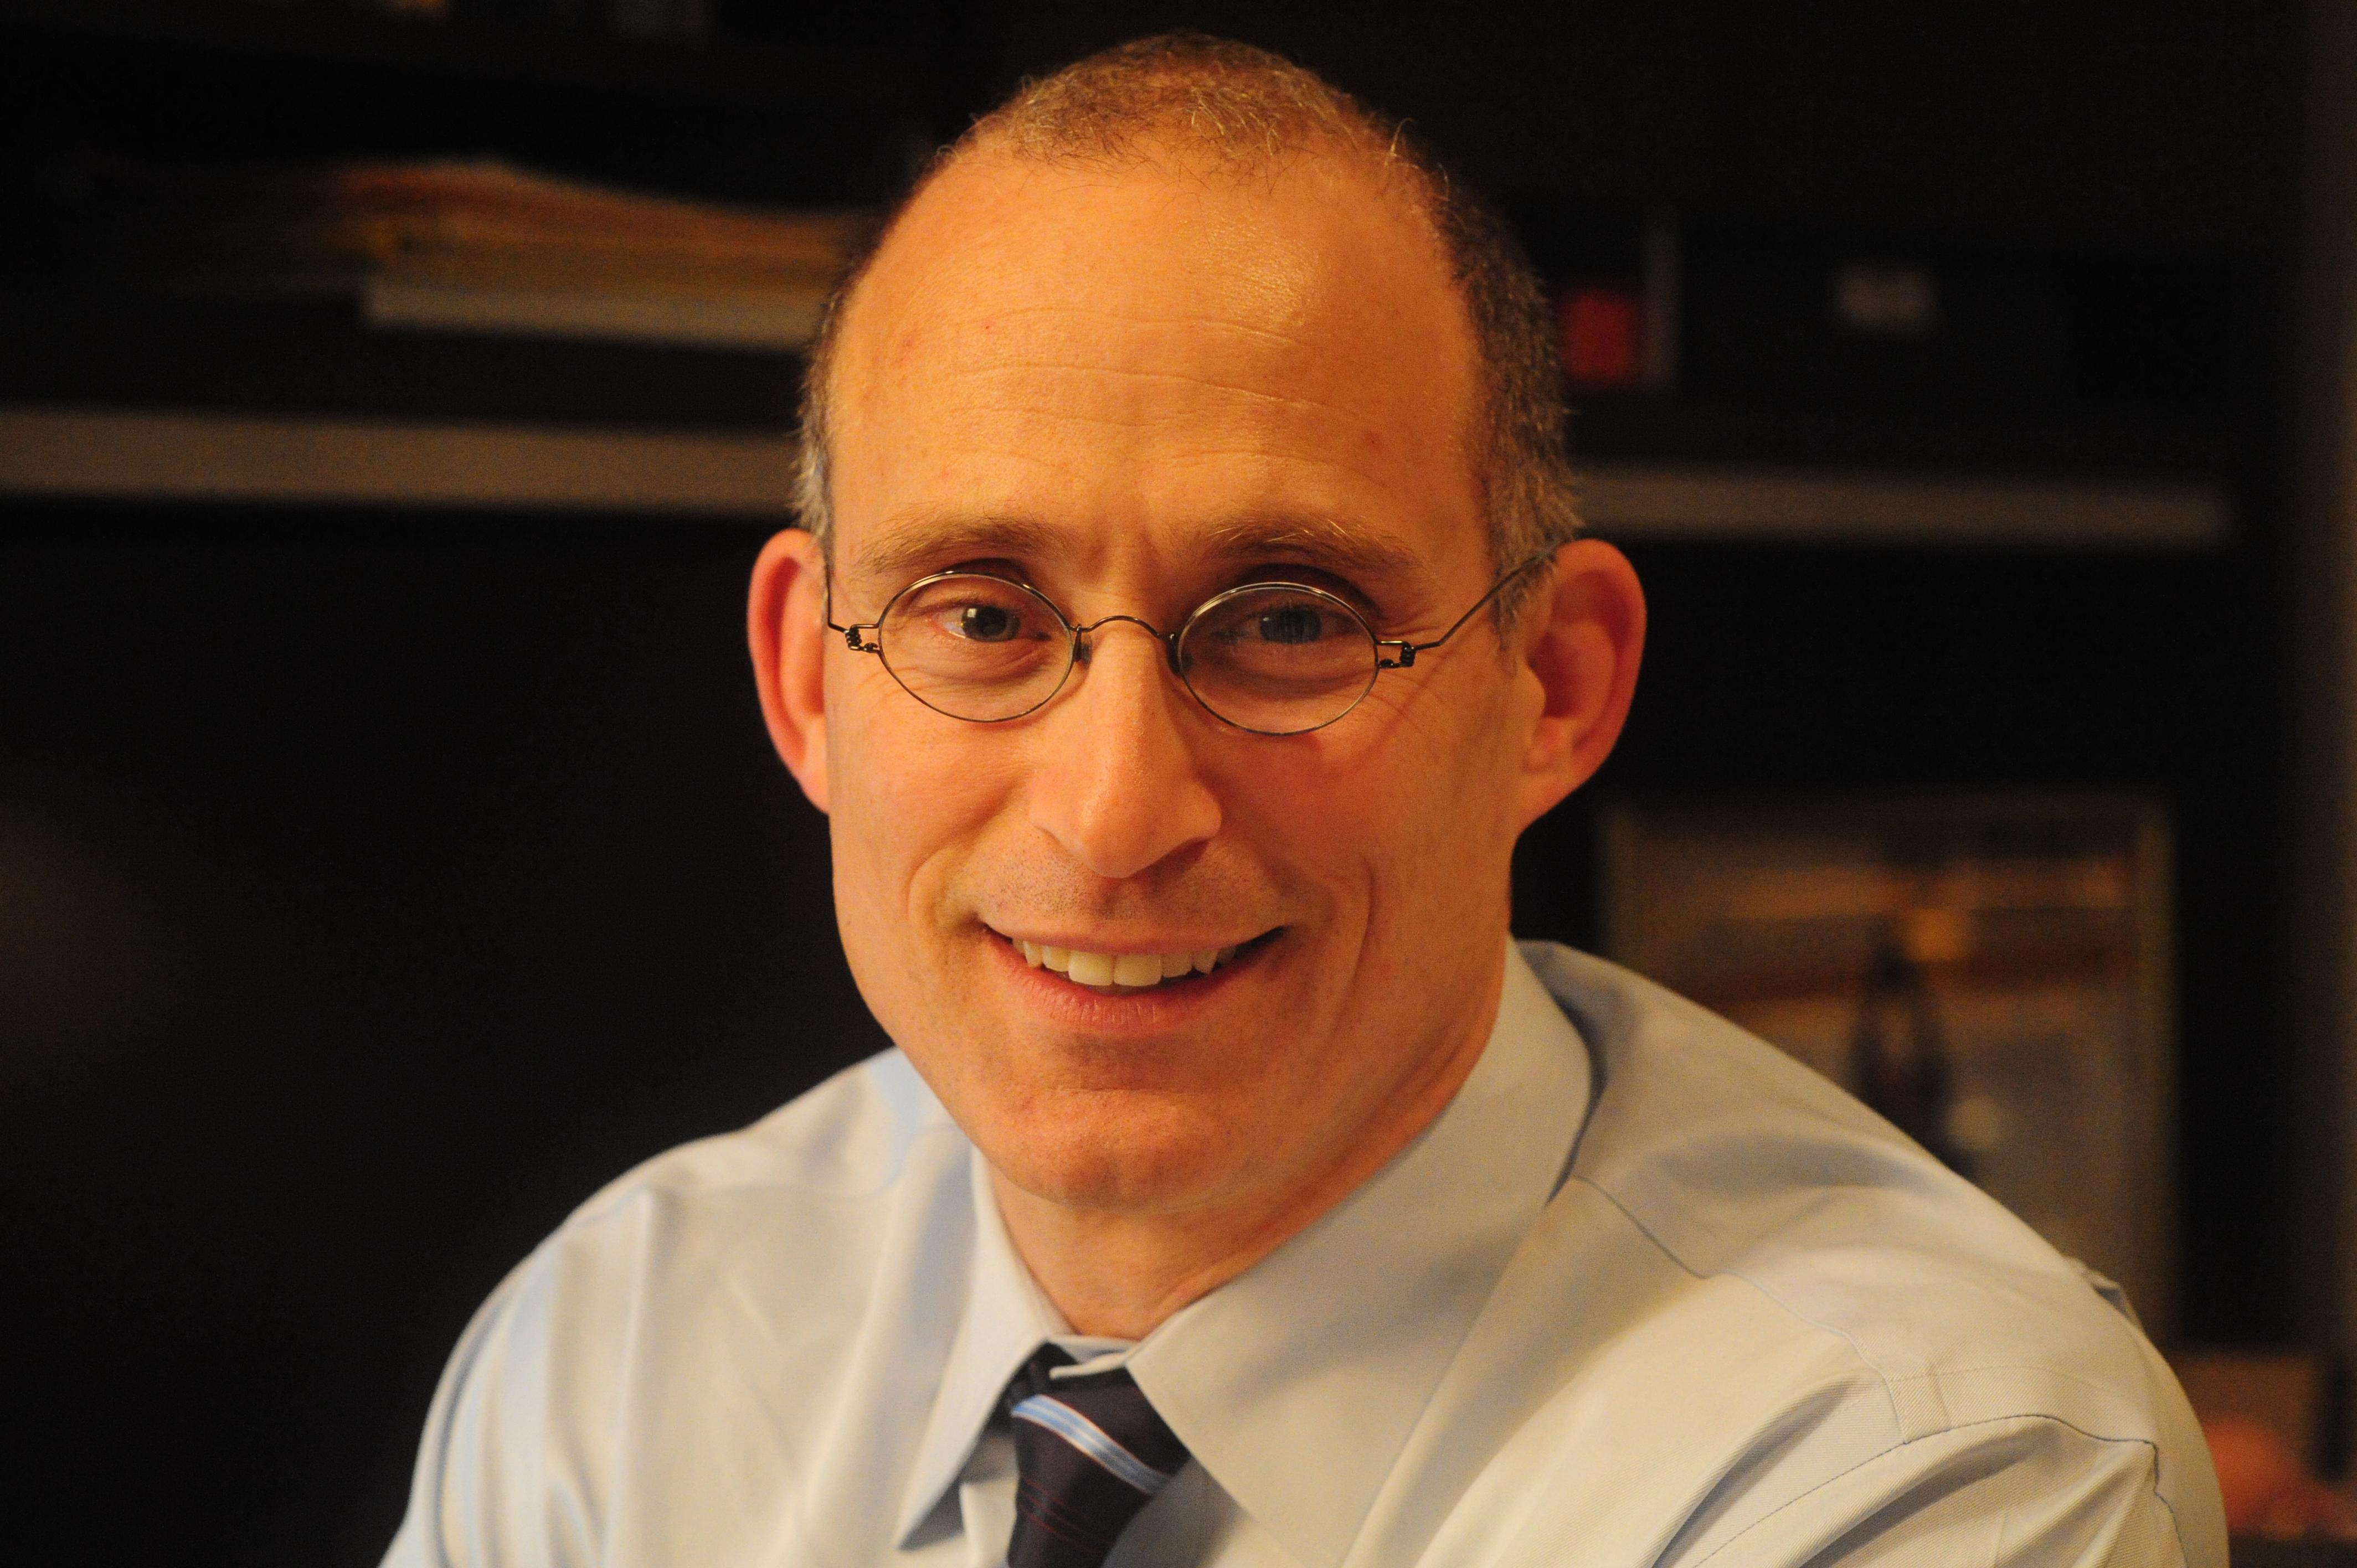 Dr. Jacobs profile